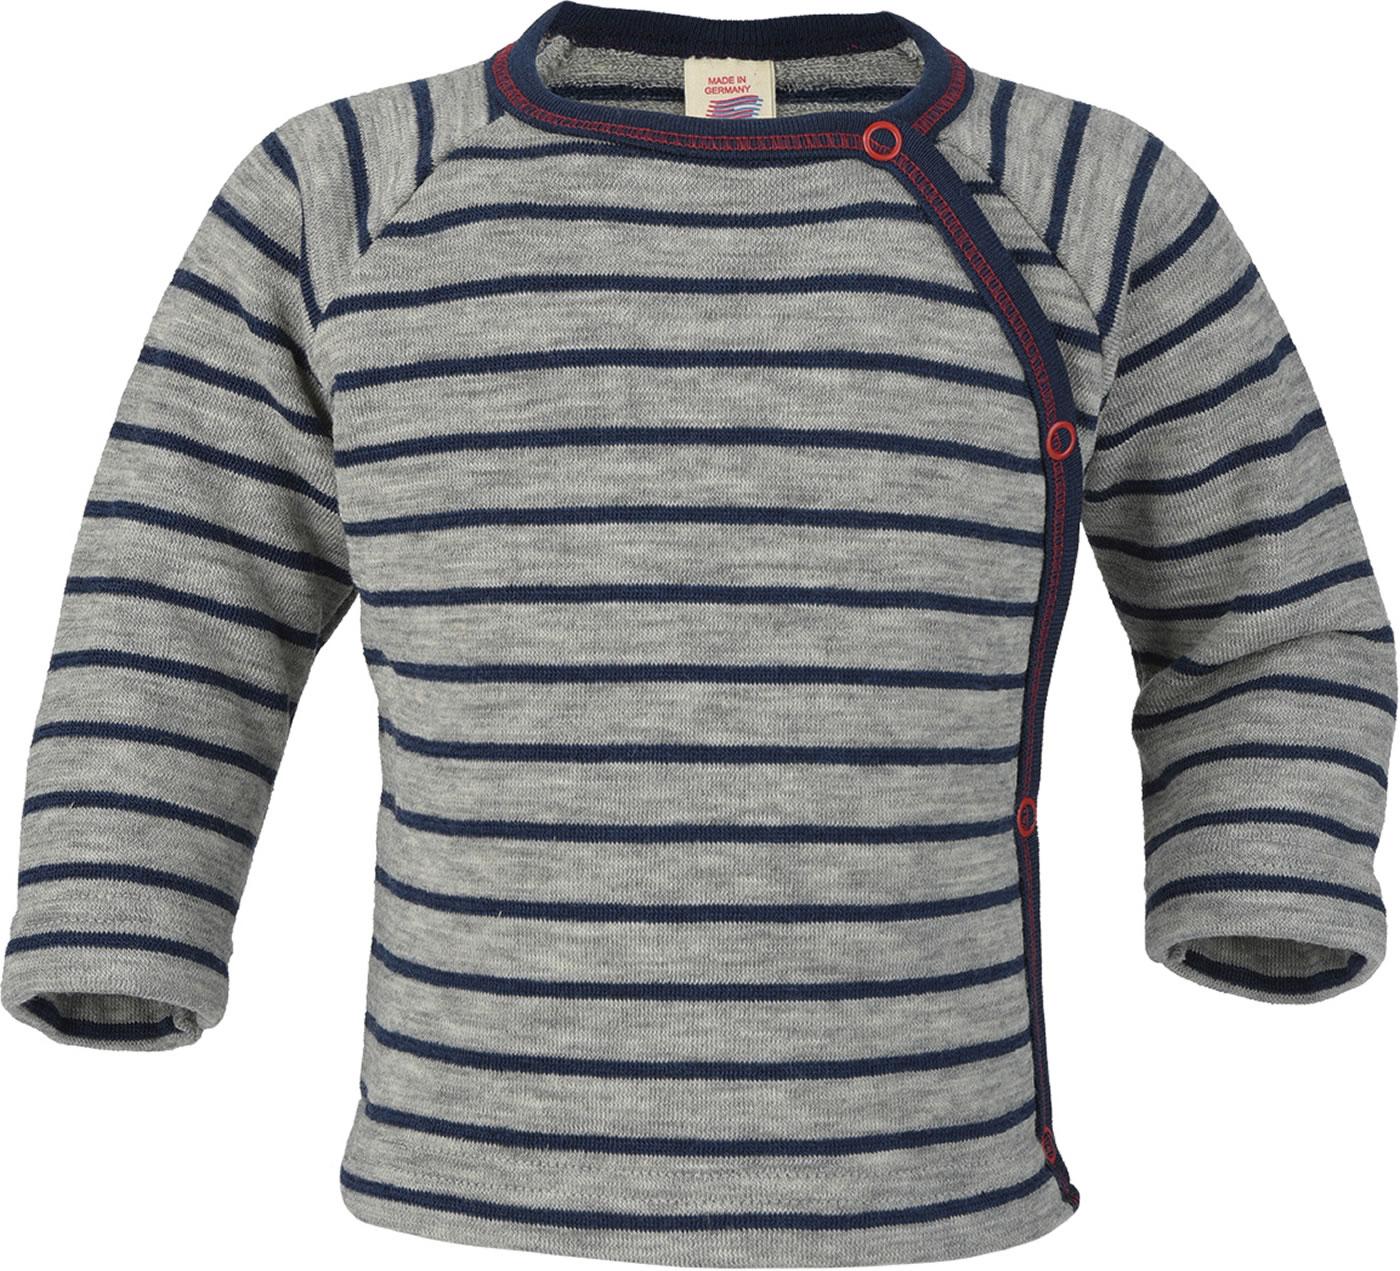 92 104 116 128 Engel Schlafanzug Pulli hellgrau//marine Wolle Gr